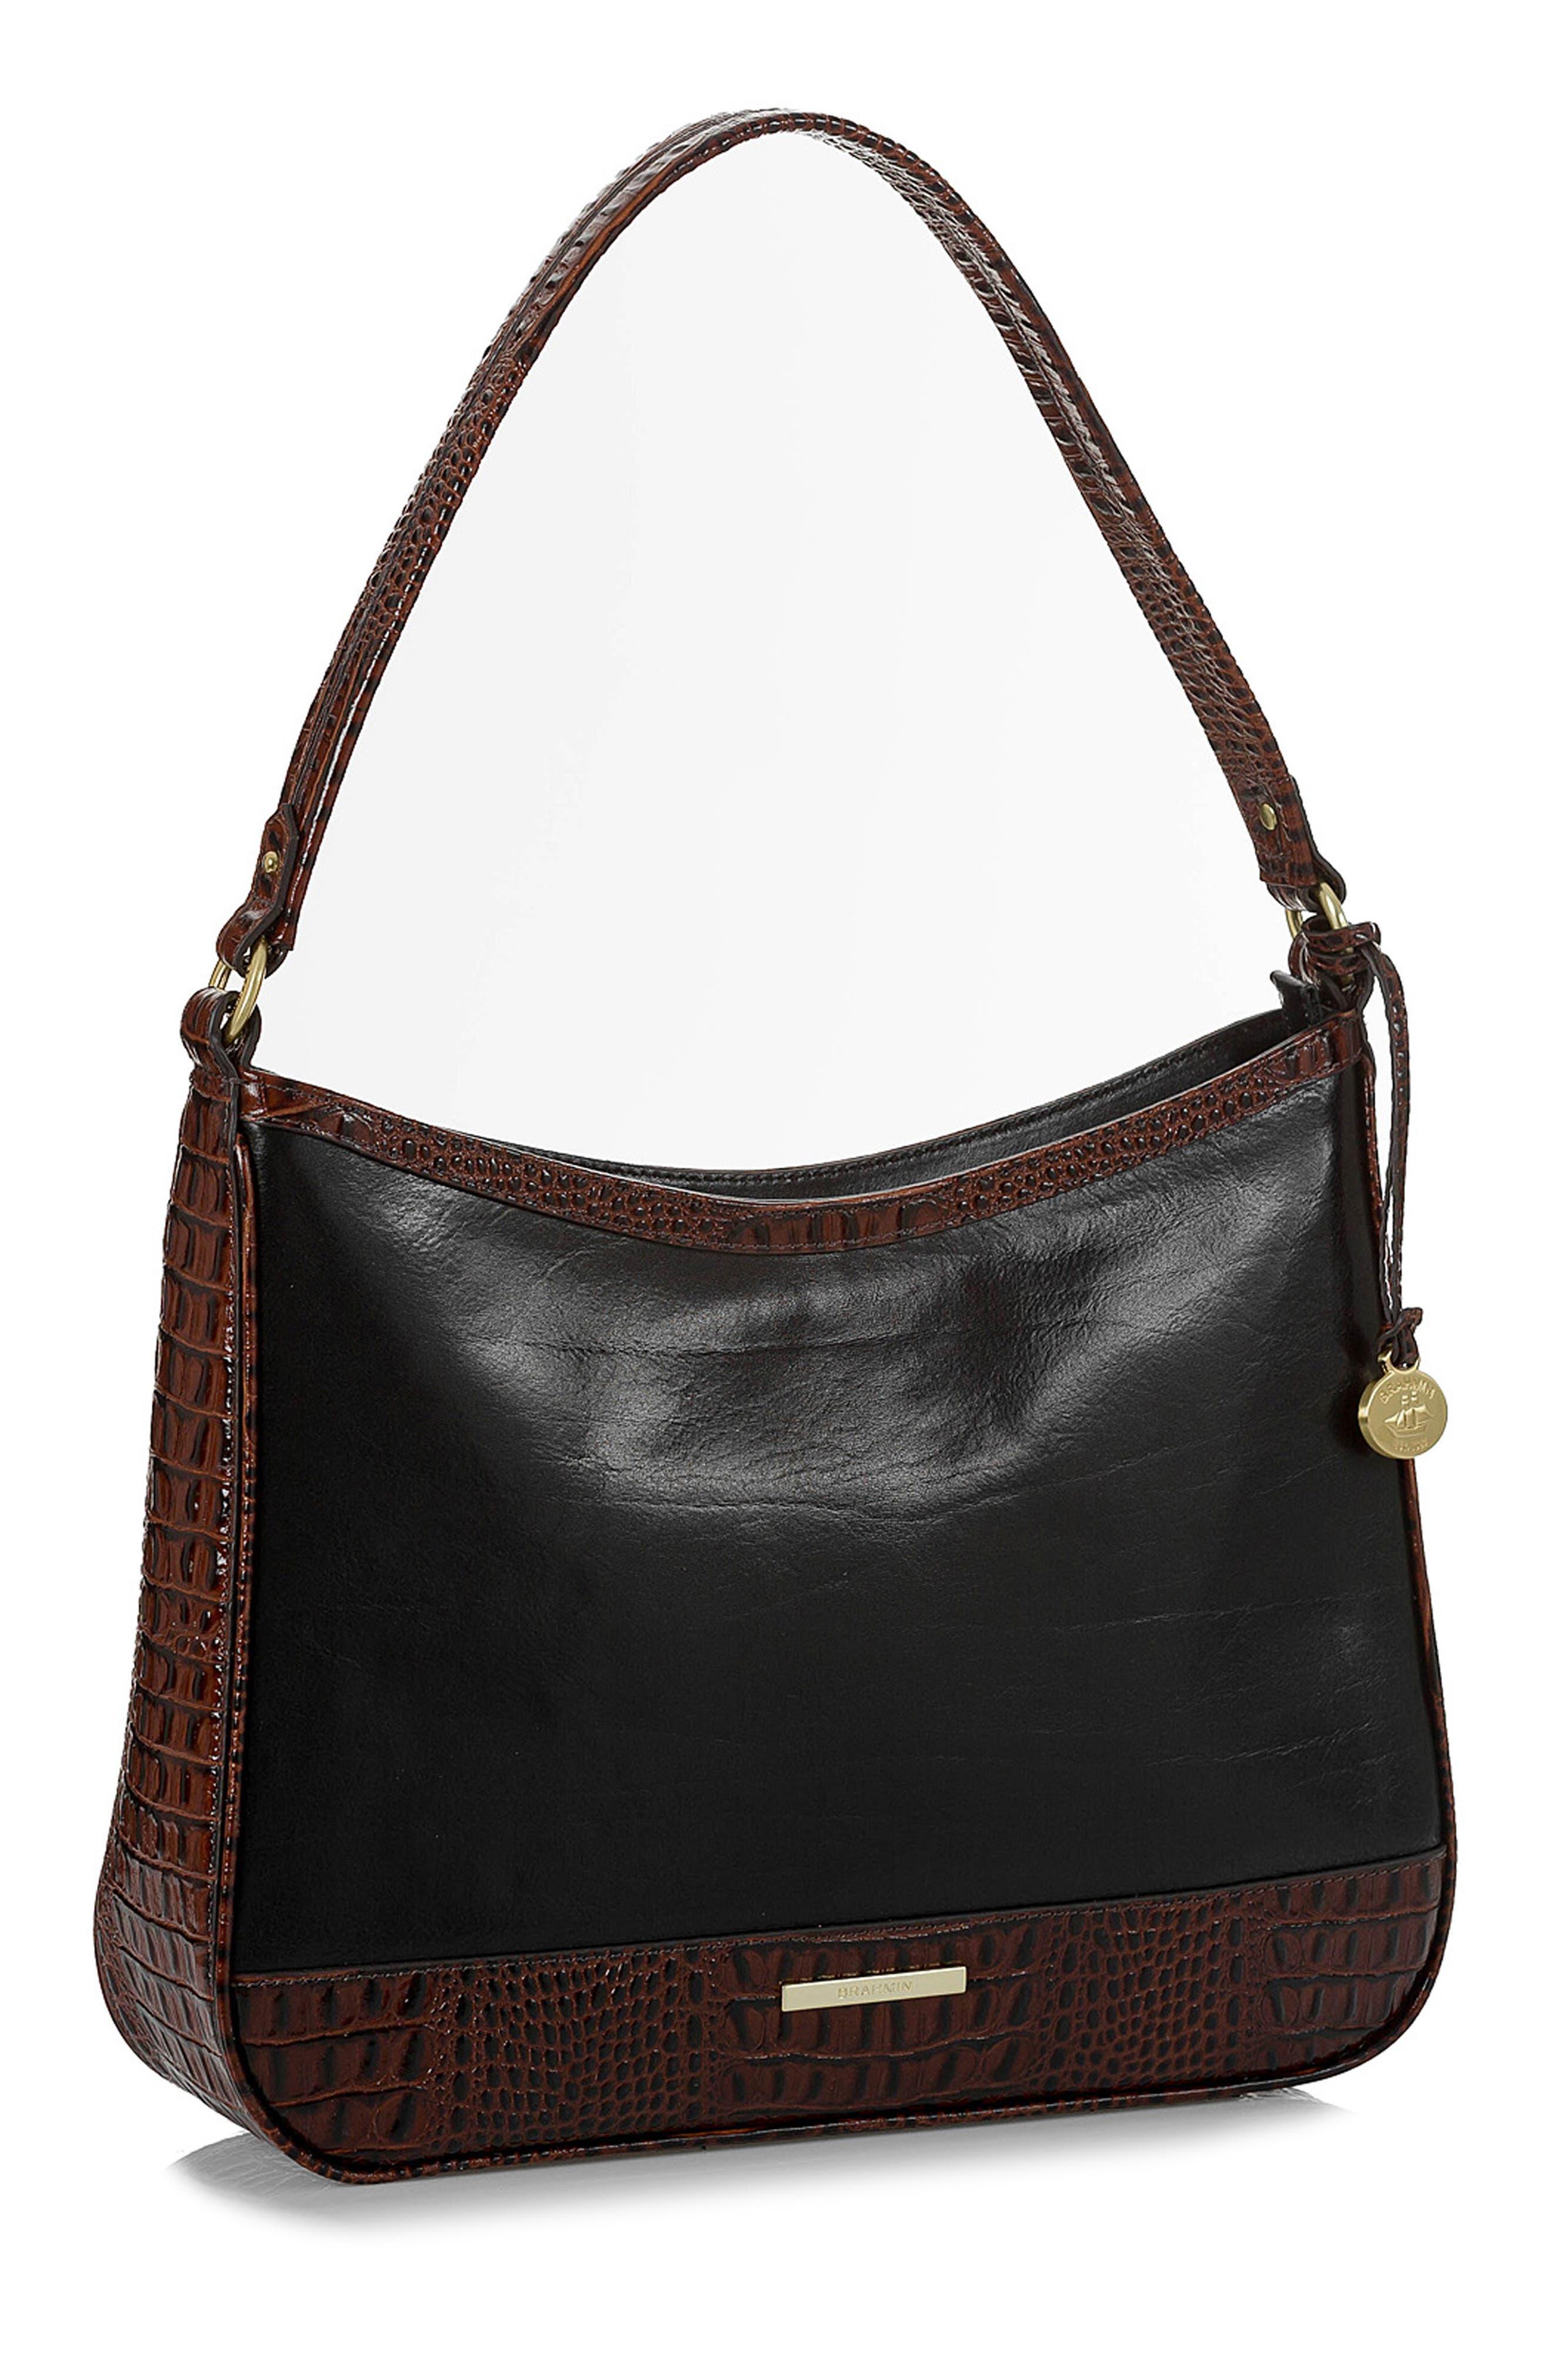 BRAHMIN, Noelle Leather Hobo Bag, Alternate thumbnail 5, color, 001